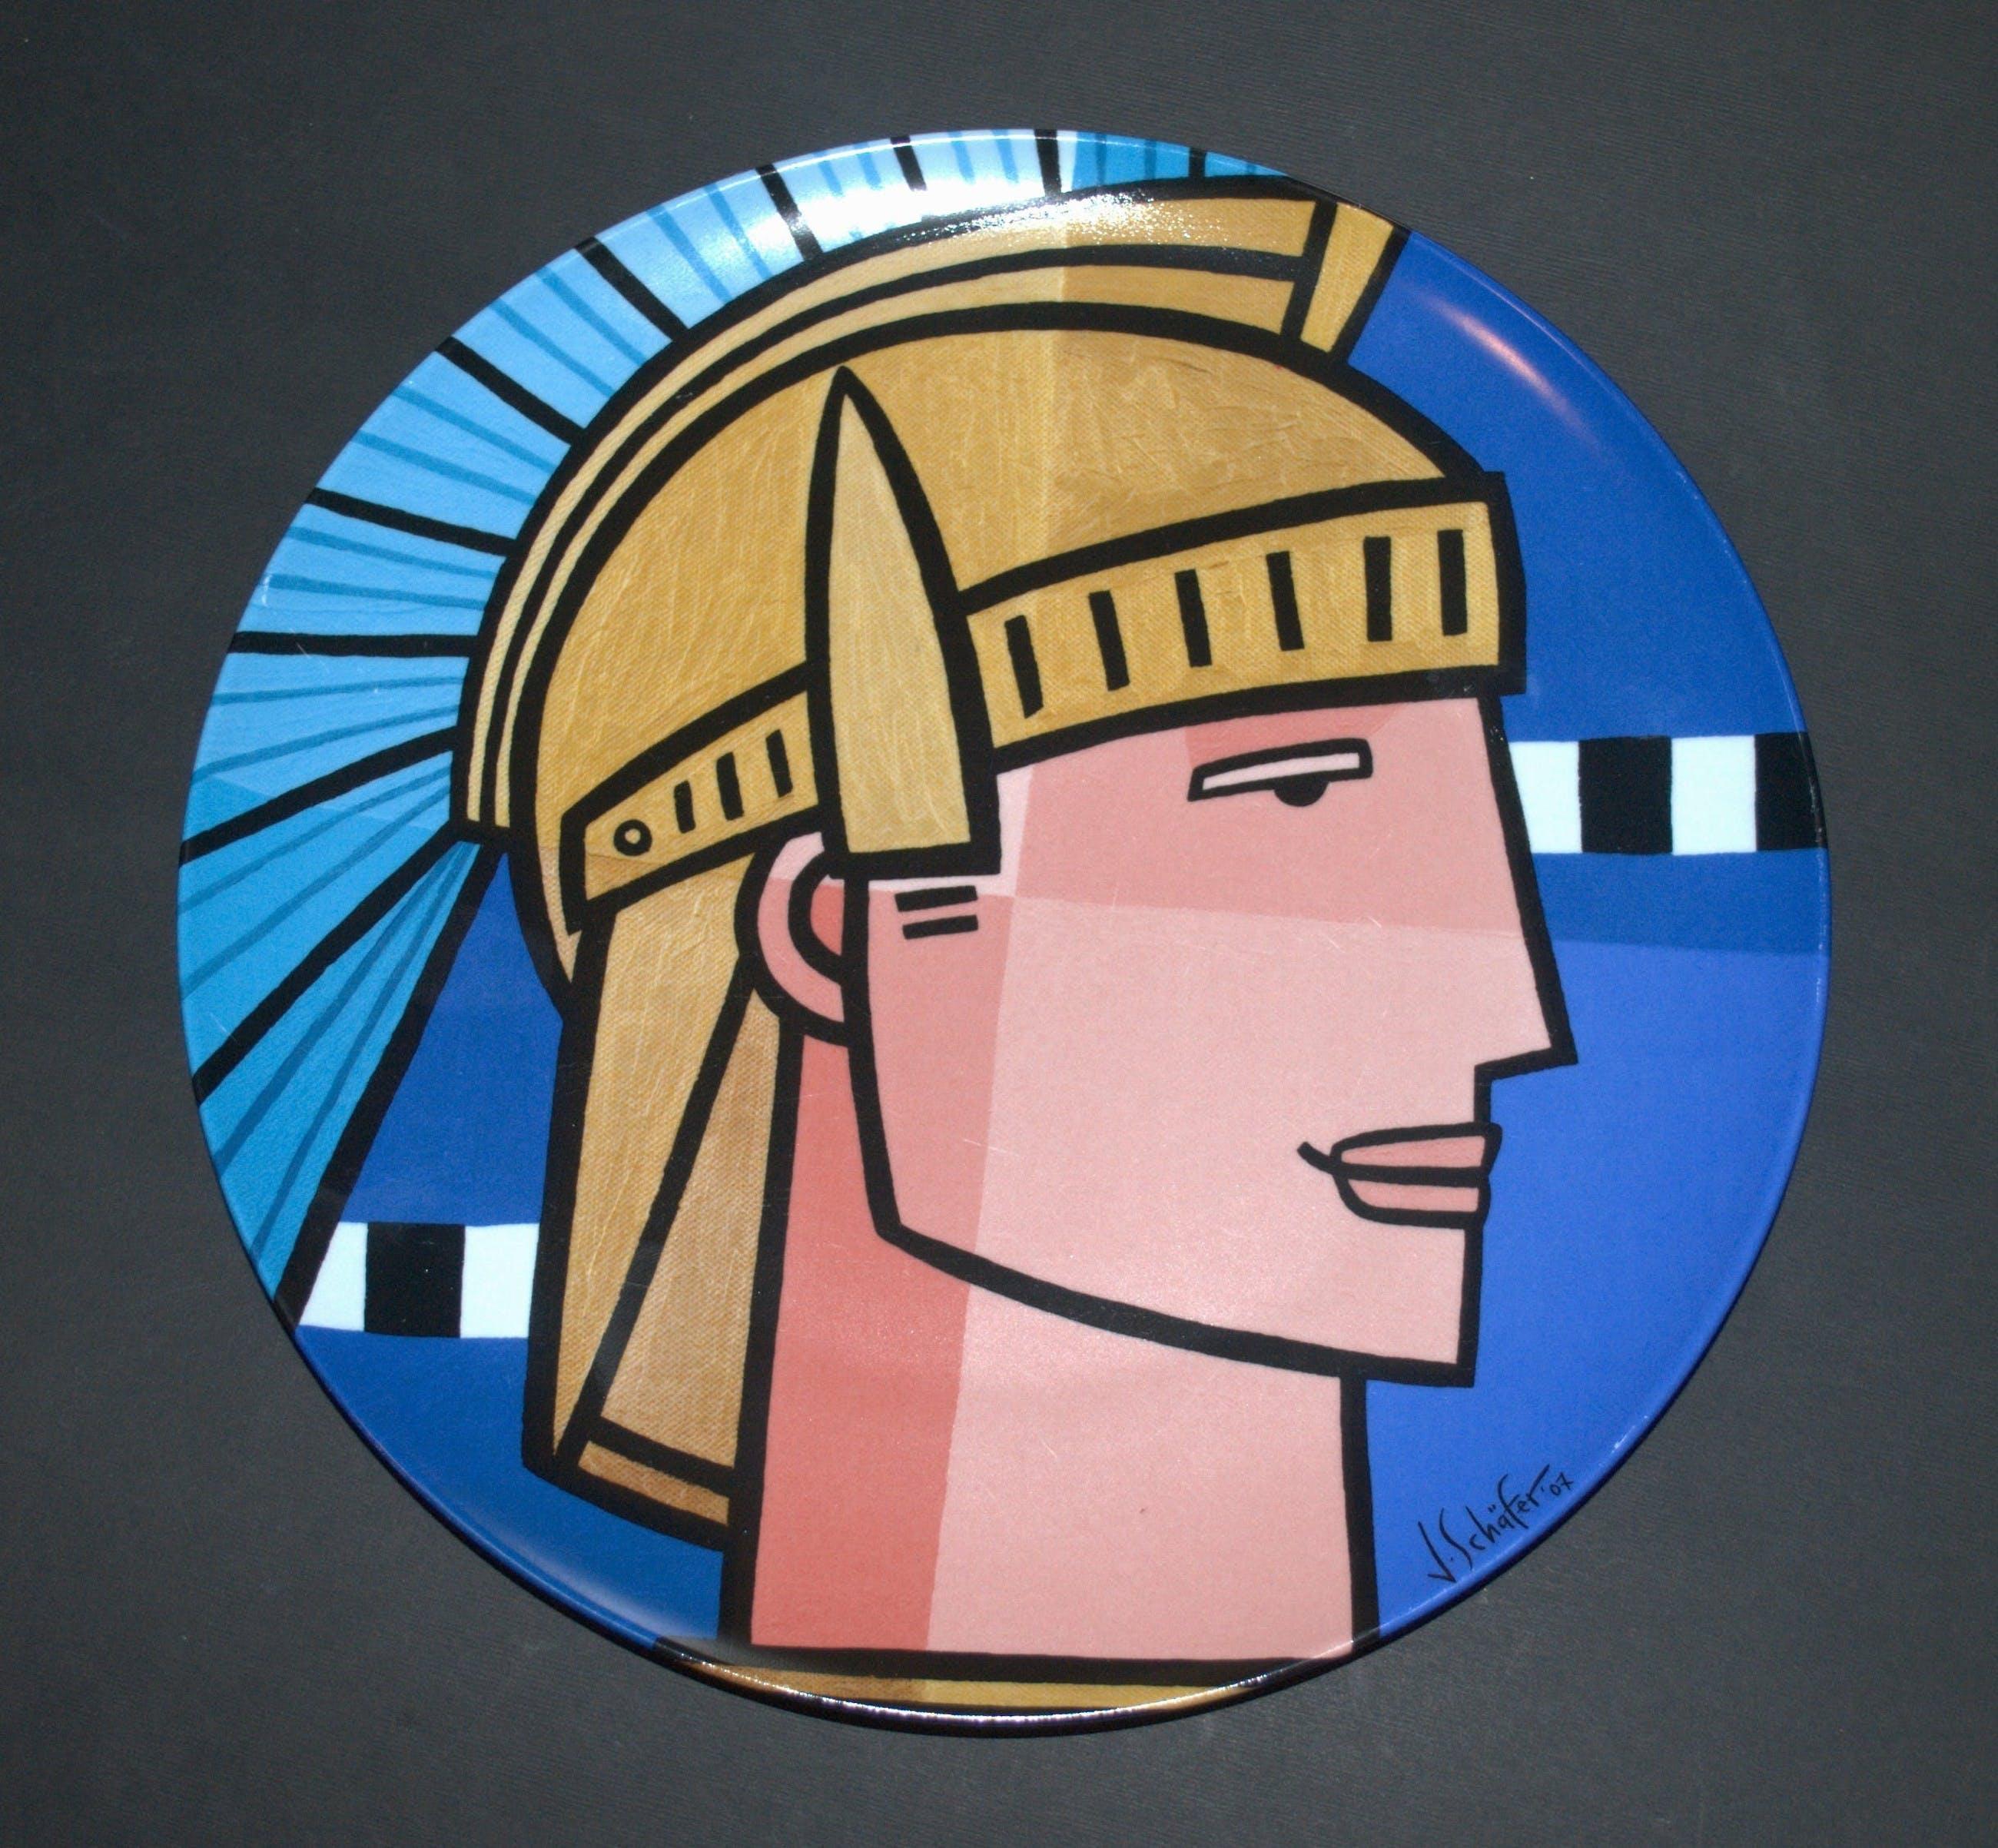 Jan Kamphuis - keramische schaal - extra: bord Jacqueline Schäfer kopen? Bied vanaf 20!